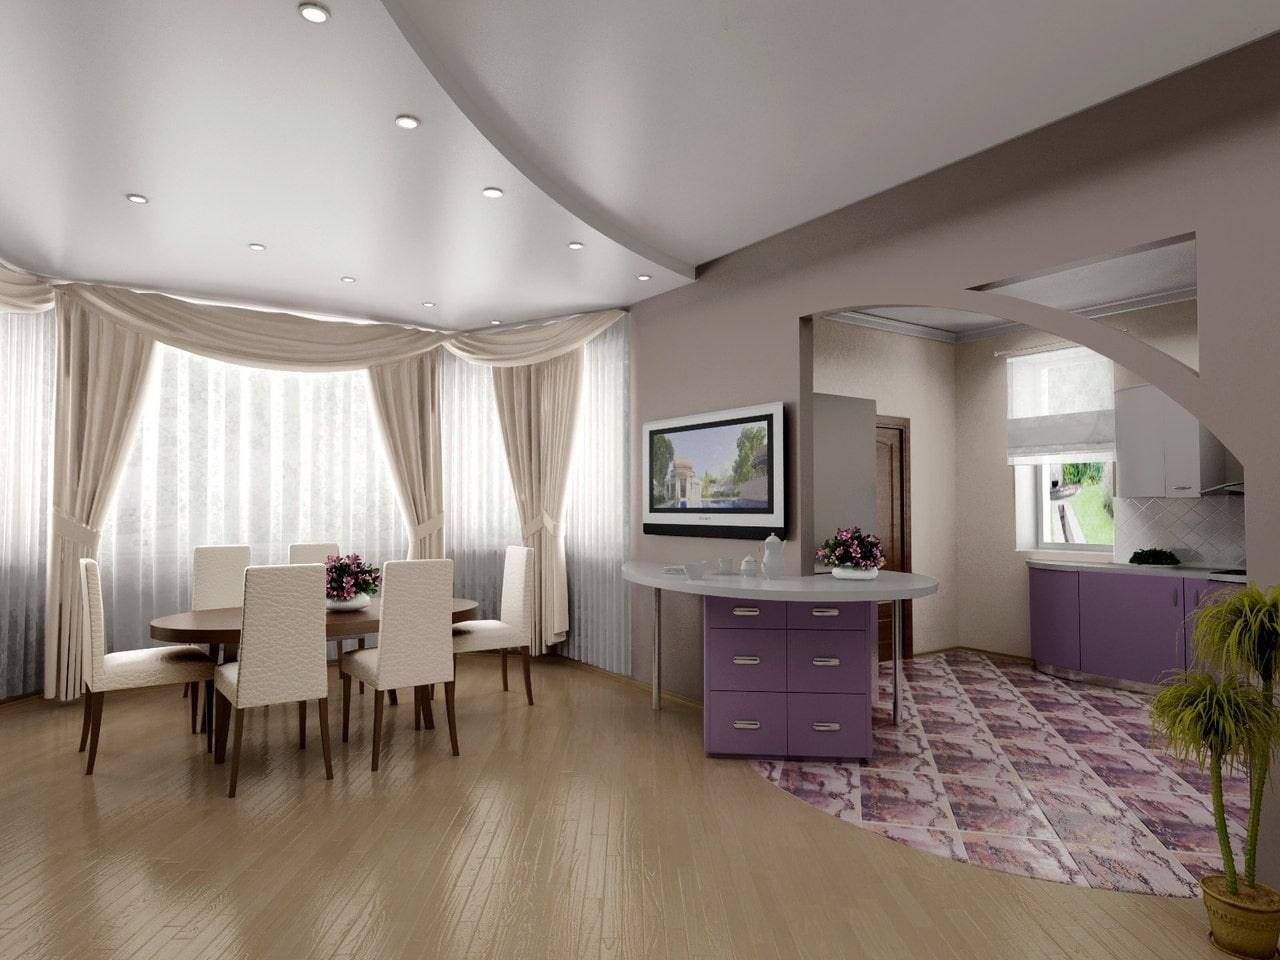 бумажные фото квартир с натяжными потолками москва юности